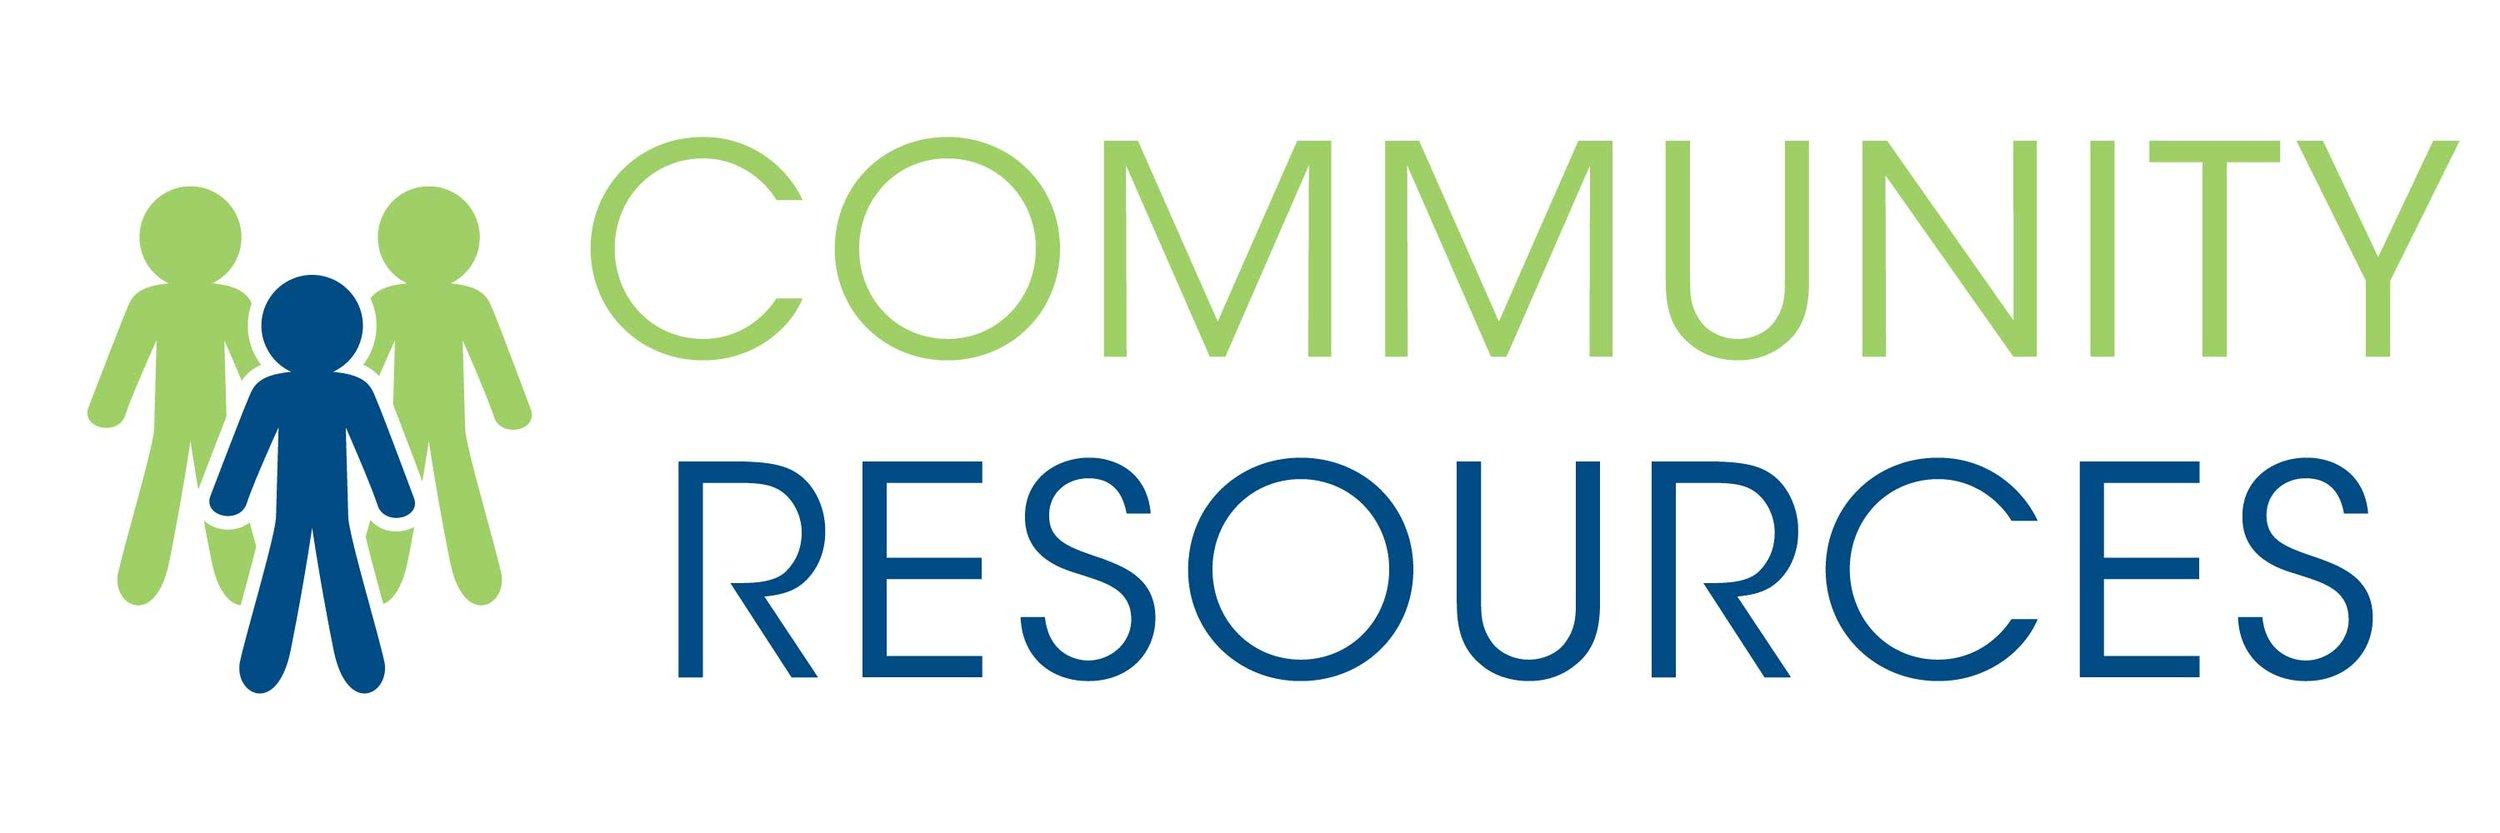 c resource center.jpg